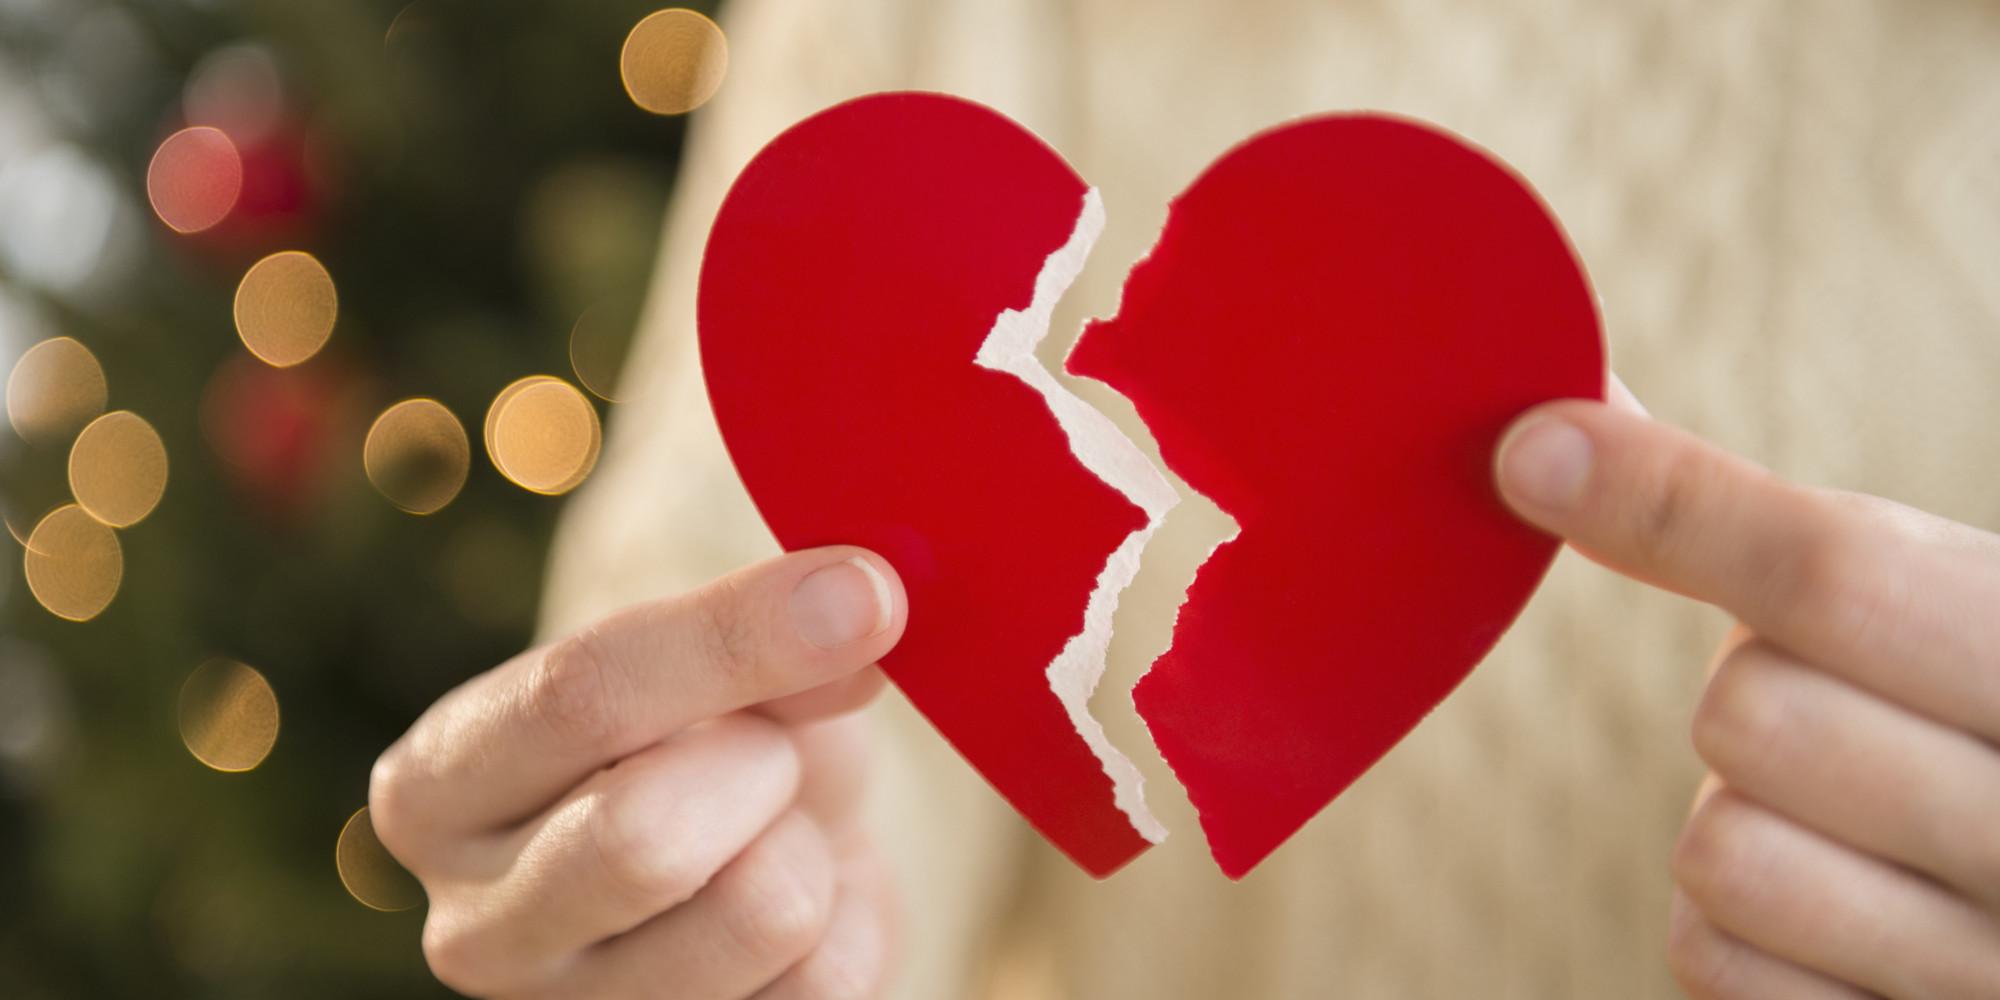 বাংলাদেশের প্রেক্ষাপটে বিবাহ বিচ্ছেদের কারণ গুলো কি? – জরিপ